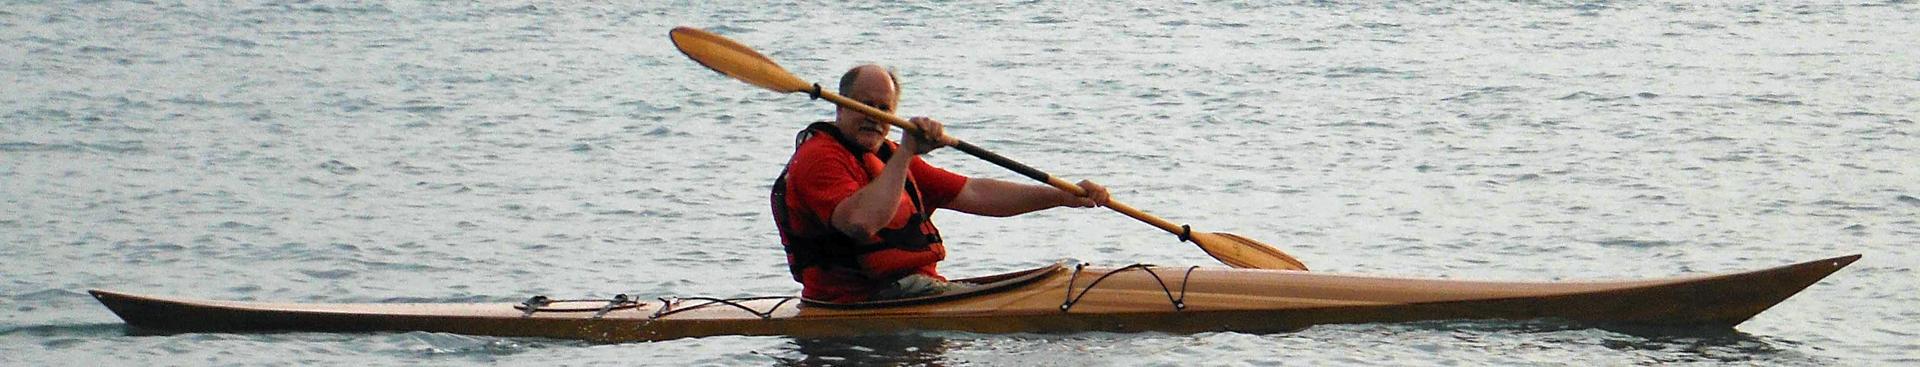 Kayaks: Aulavik 18 by Otto Vallinga Yacht Design - Image 4372